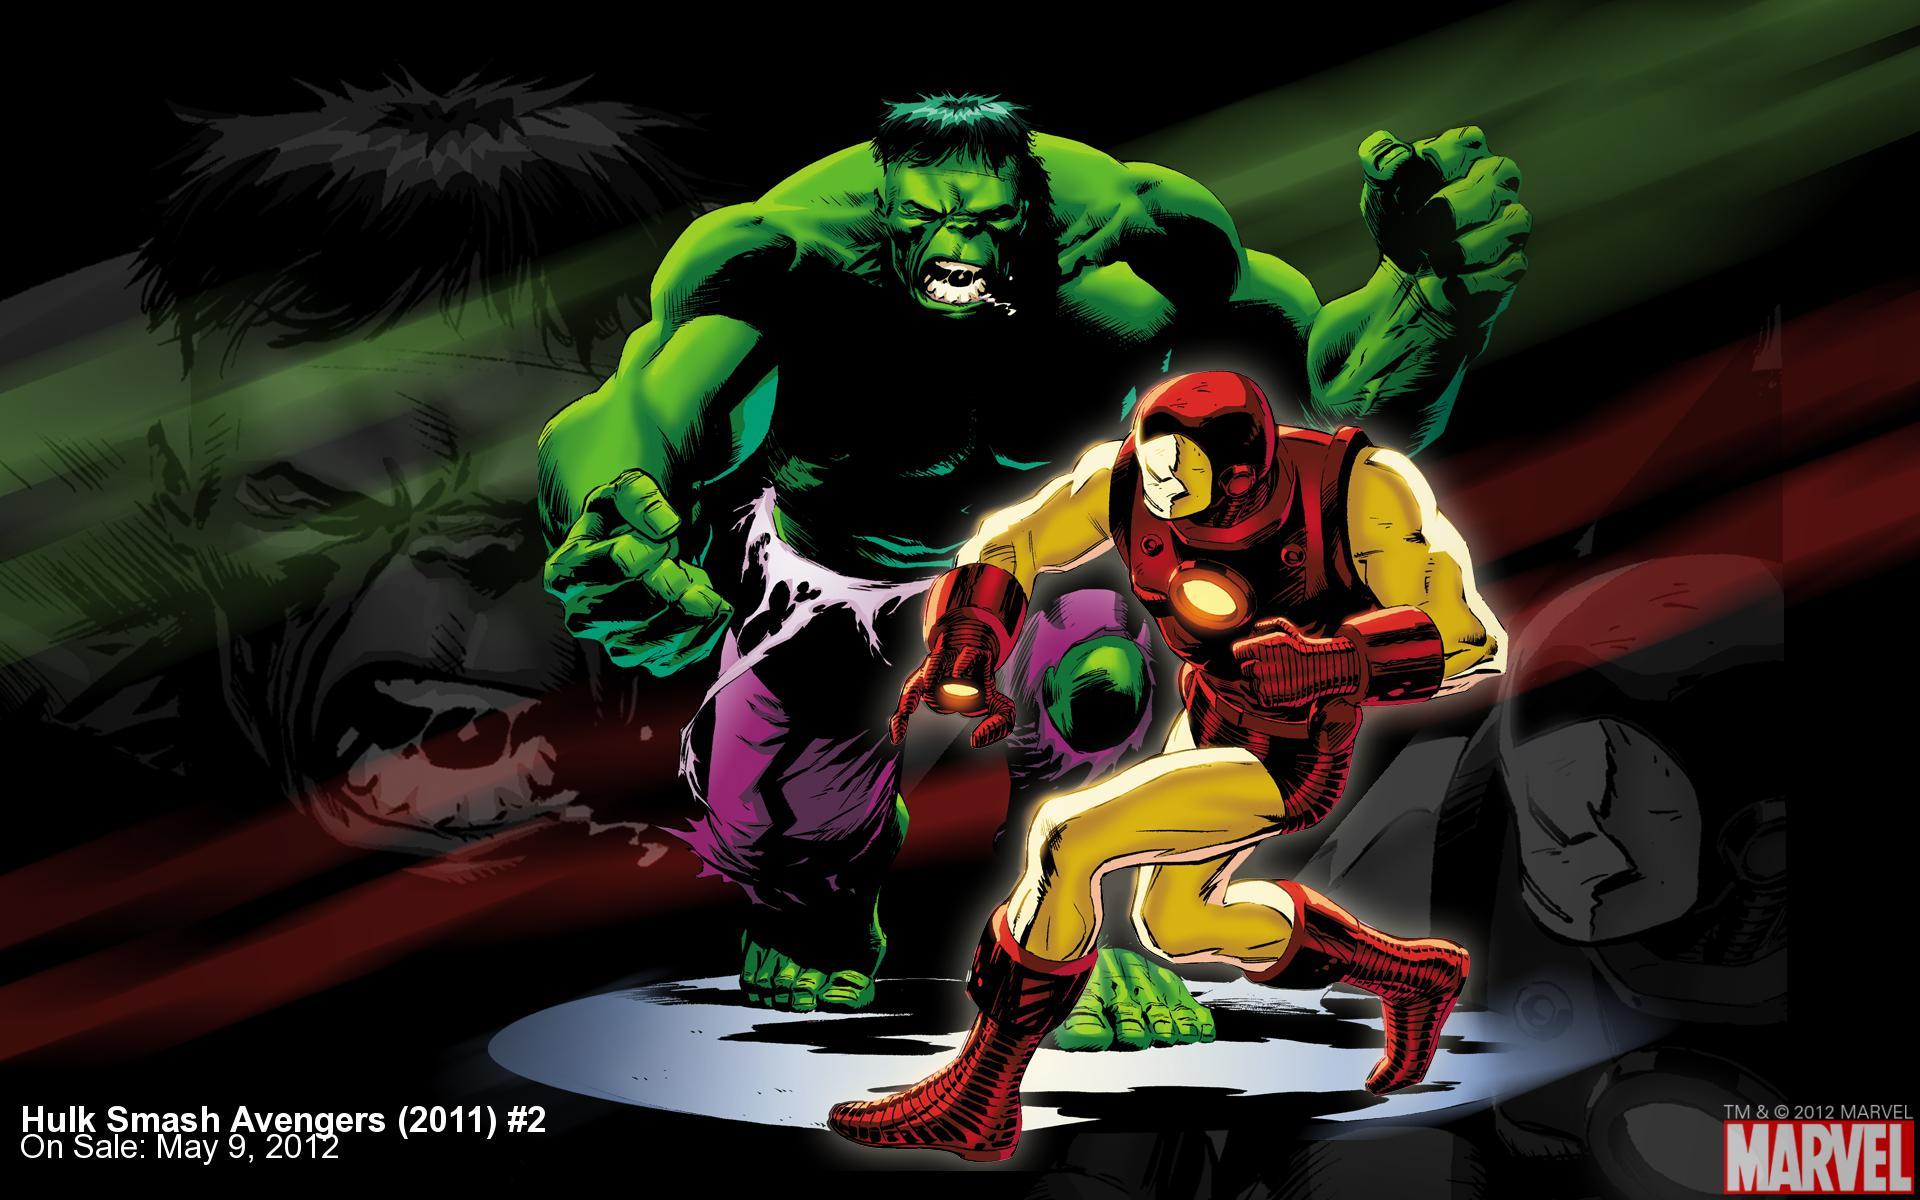 Hulk Smash Avengers wallpaper - 877758